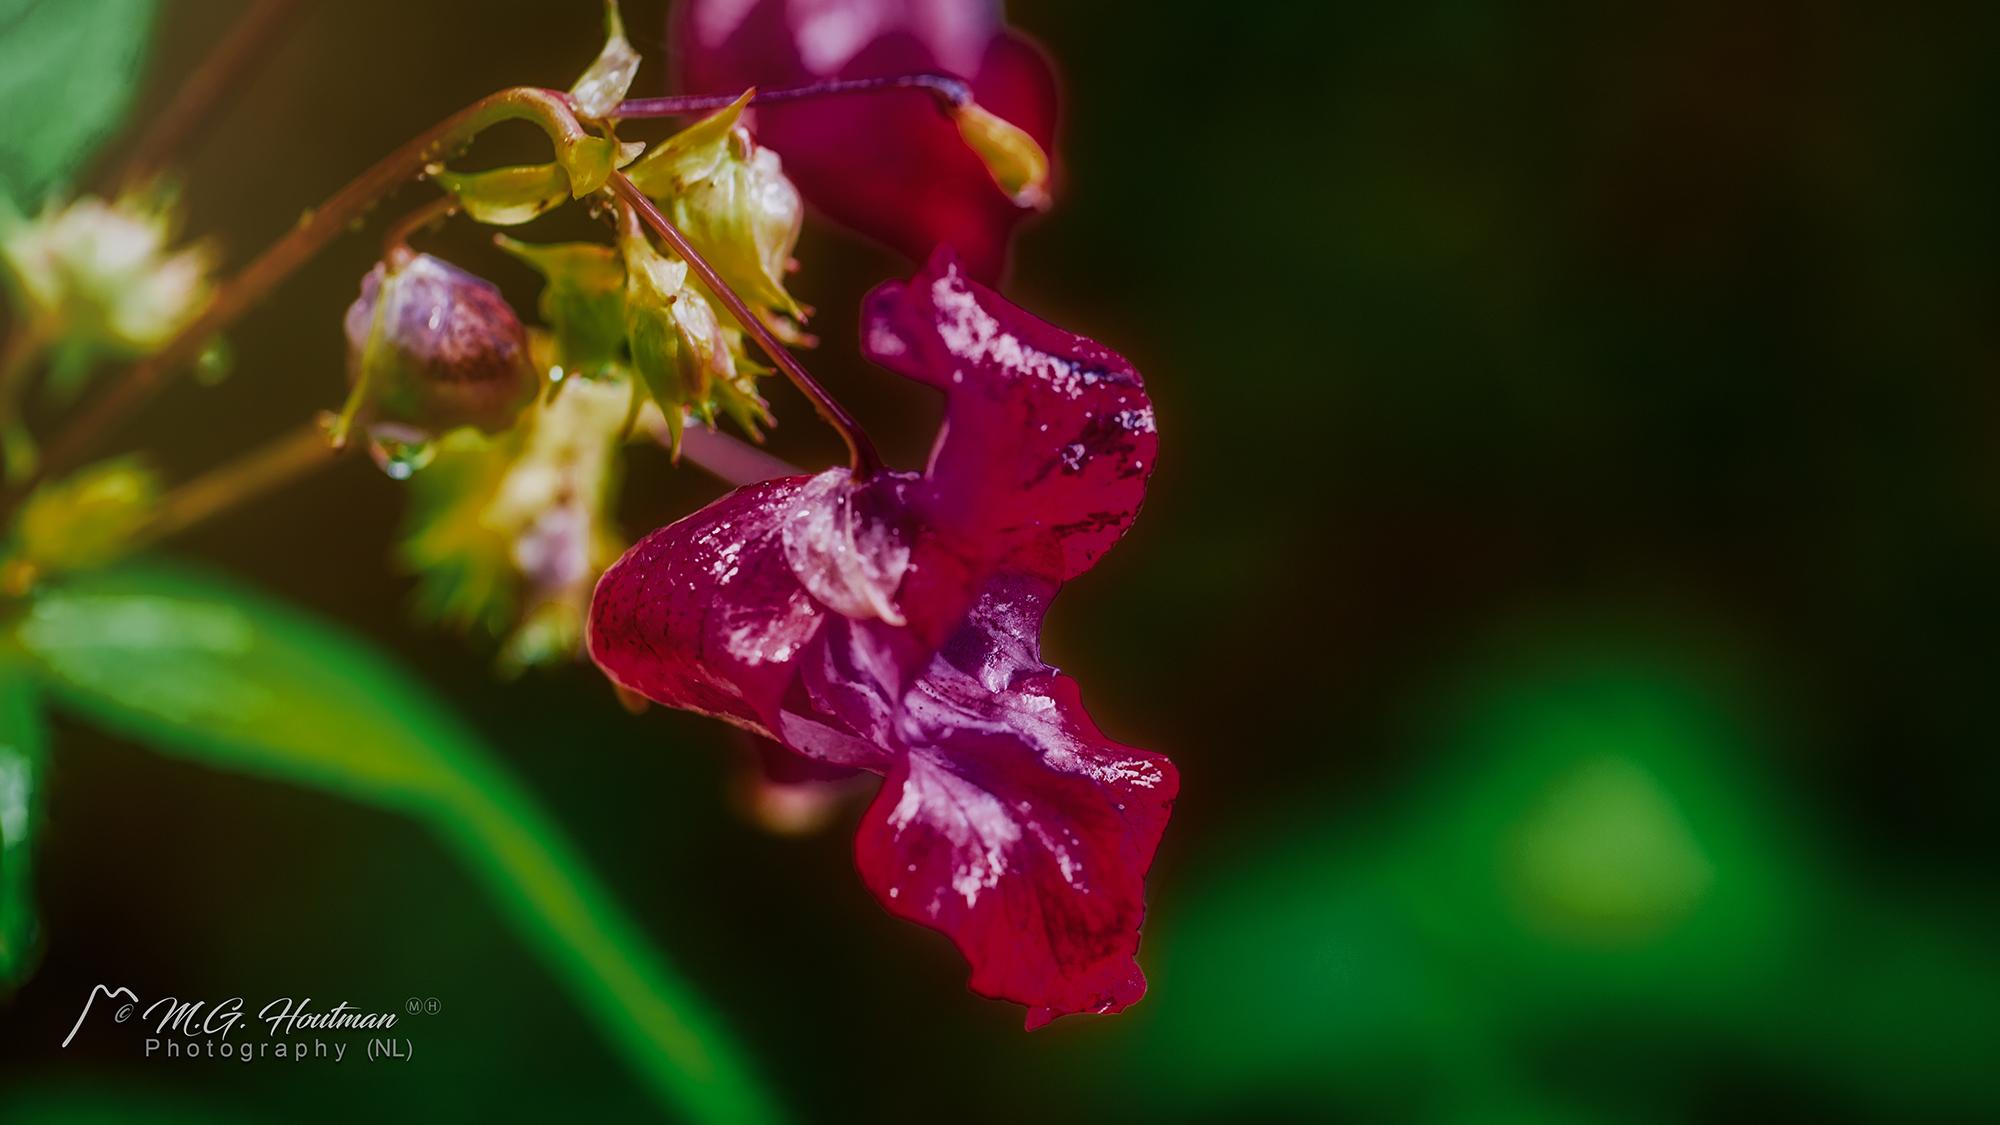 Bosorchidee